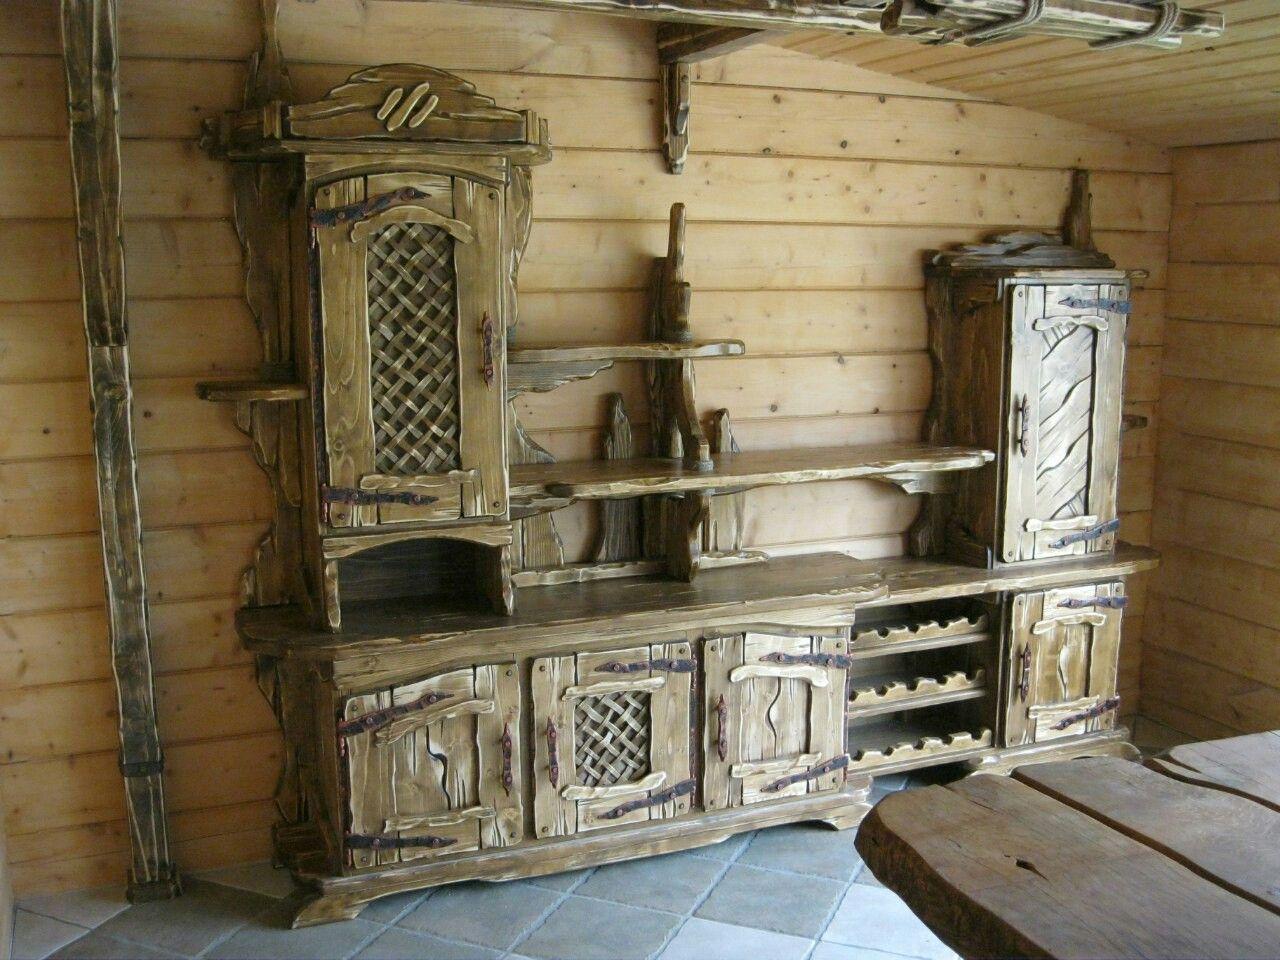 Pin de sdv en мебель | Pinterest | Muebles rústicos, Lugares ...